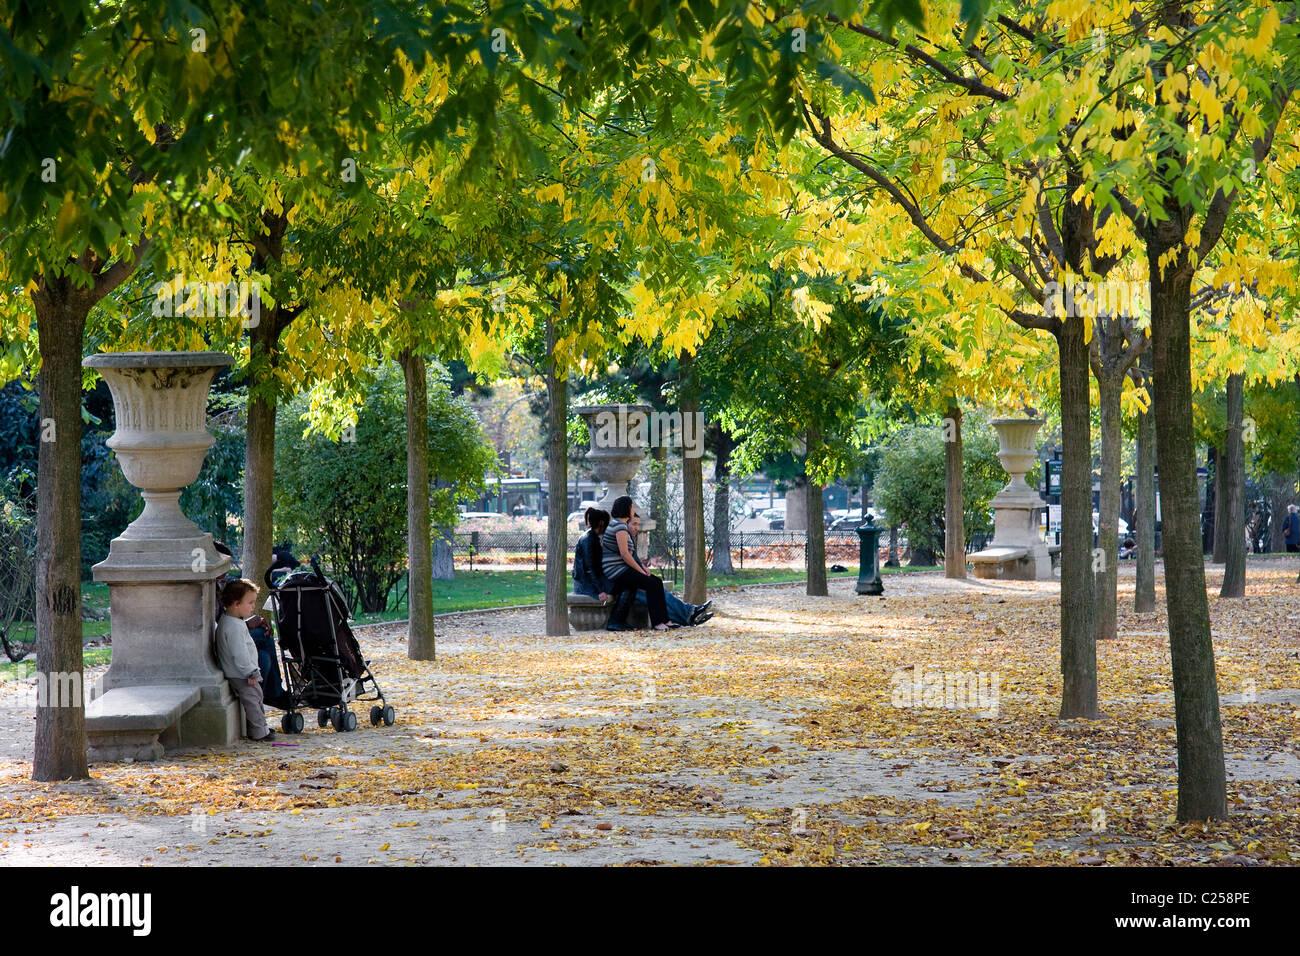 Avenue of trees in the garden of the Parc du Champ de Mars, Paris - Stock Image